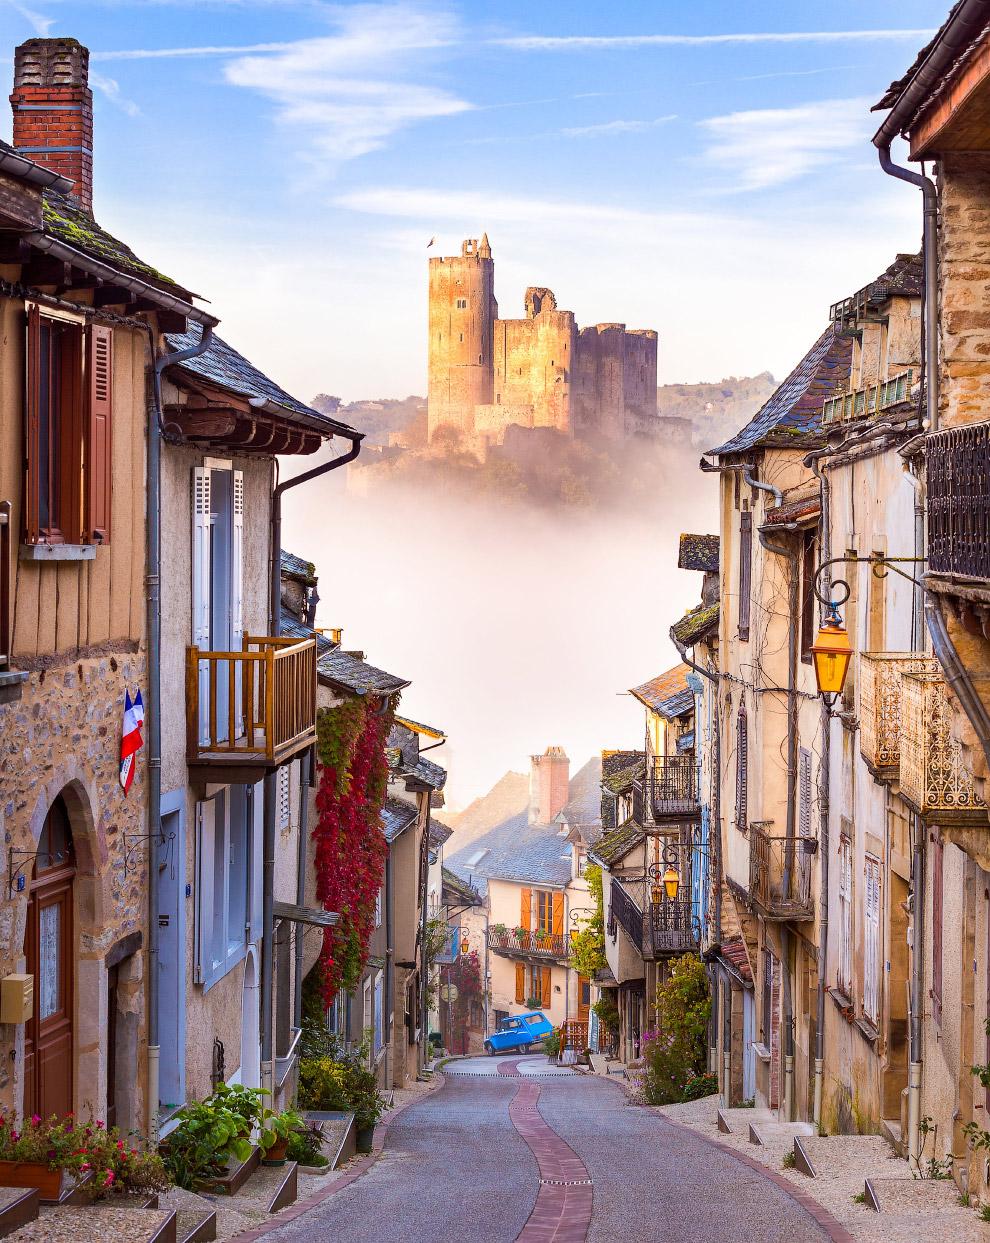 Улочки городка Нажак во Франции